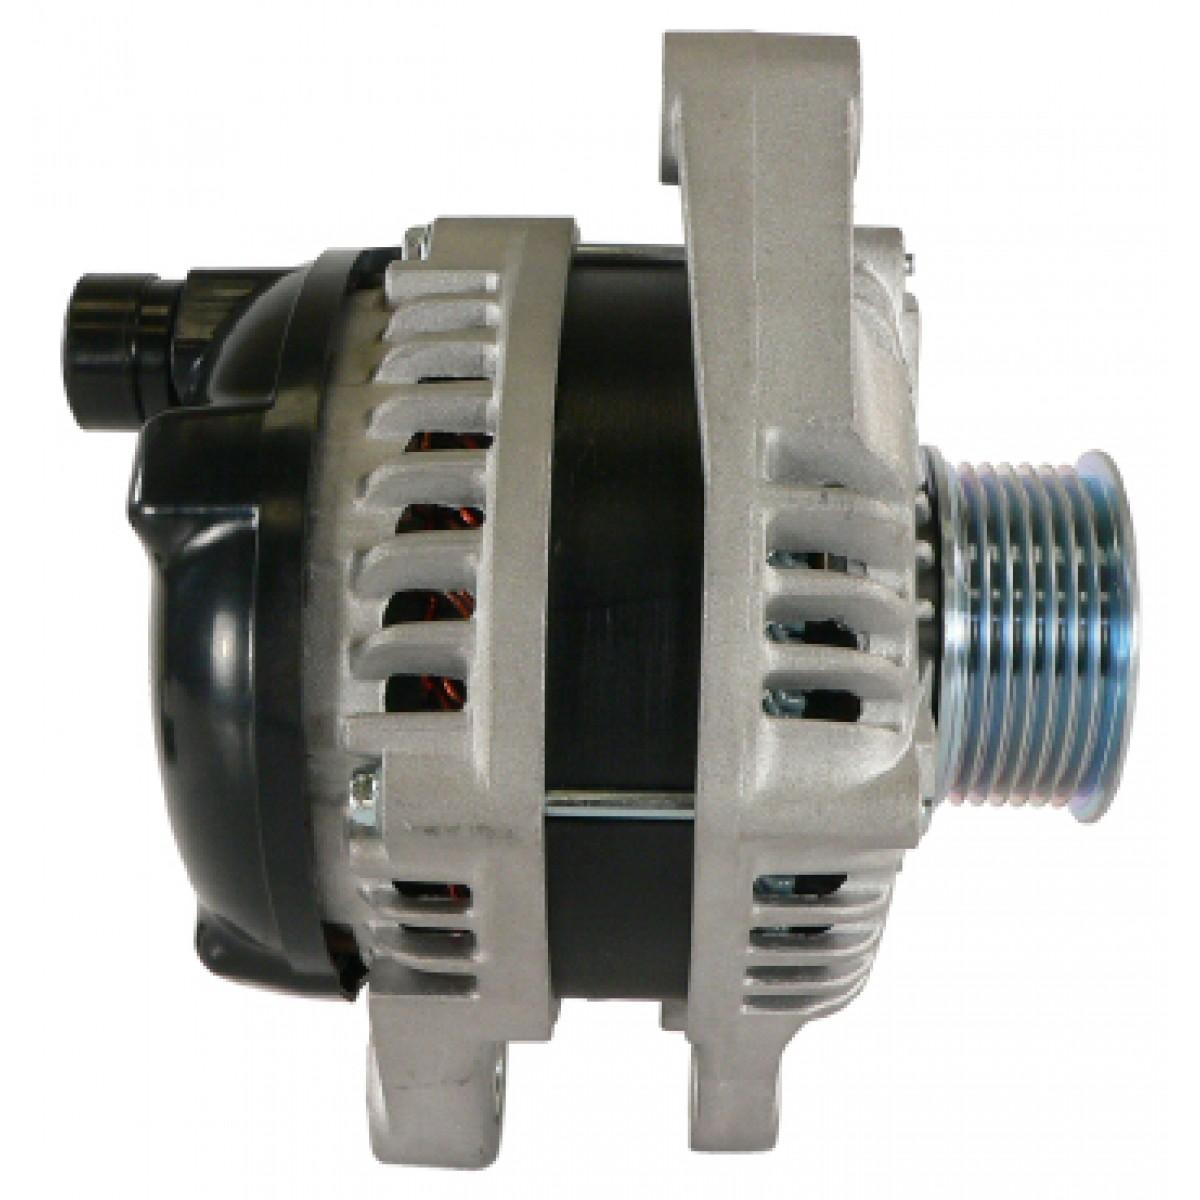 New DENSO Alternator For ACURA TSX 2009-2014